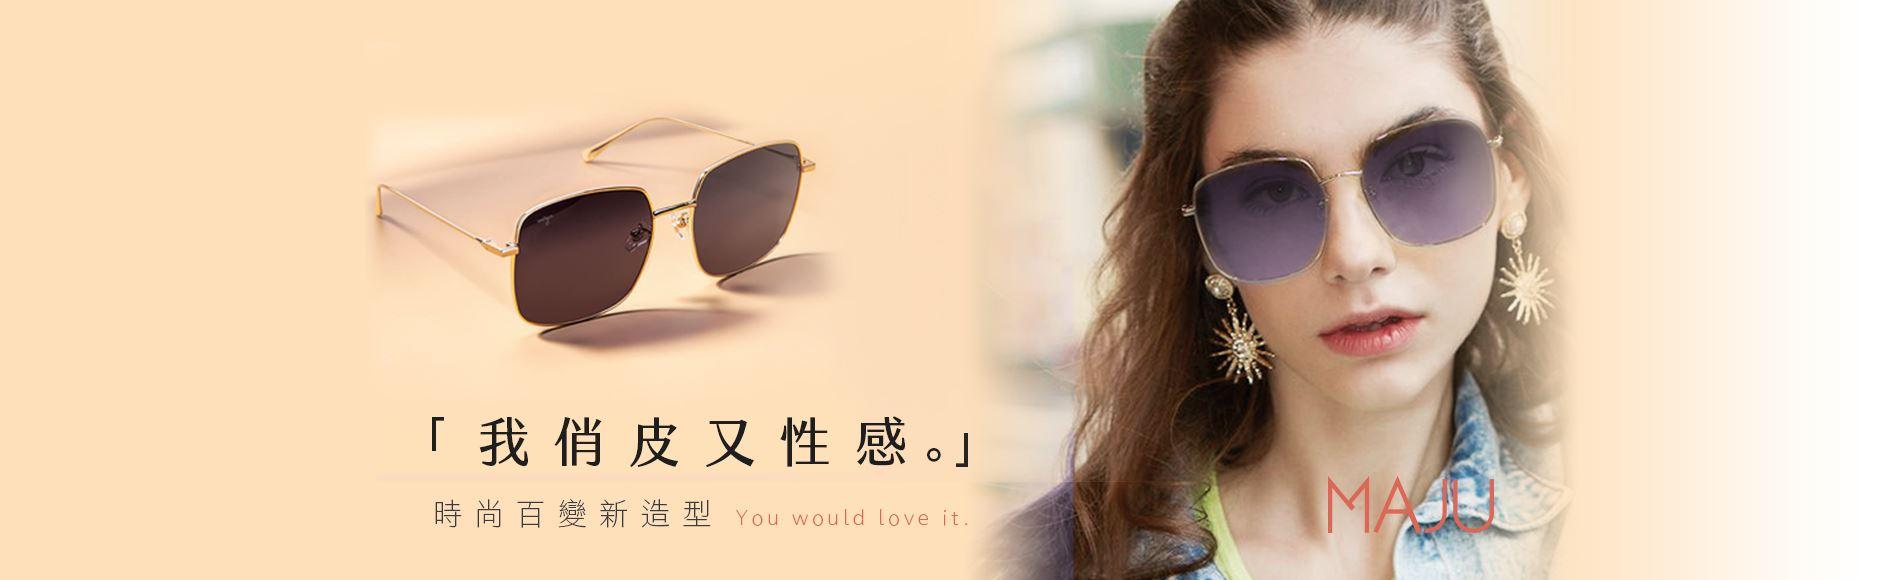 新銳設計偏光太陽眼鏡  MAJU3201